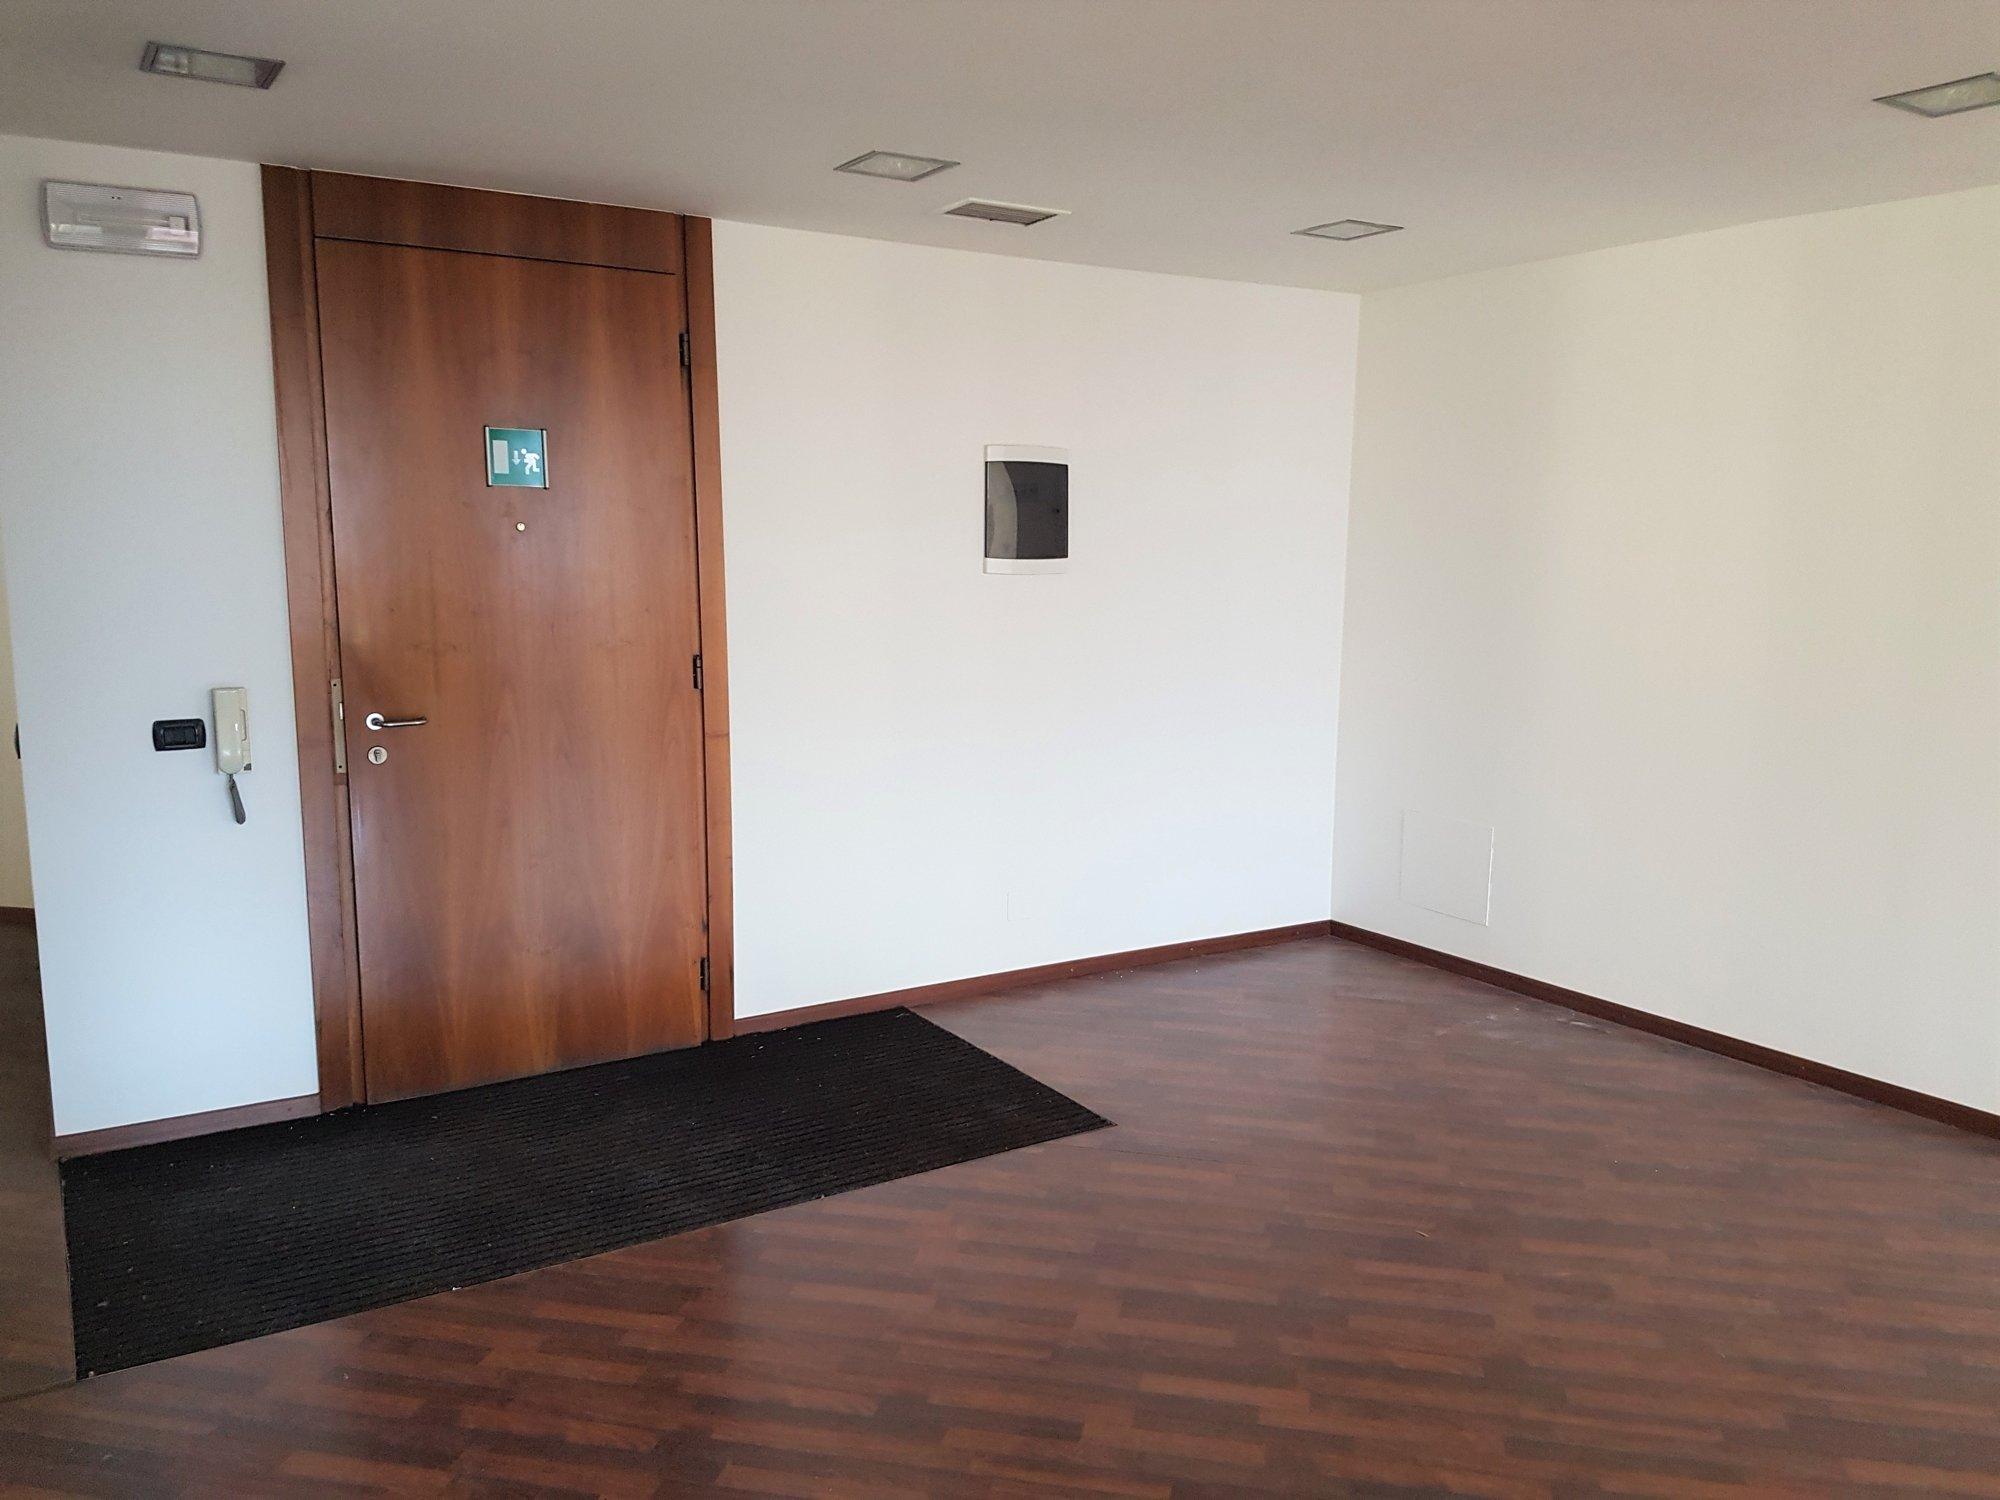 Geräumiger Eingangsbereich_entrata spaziosa